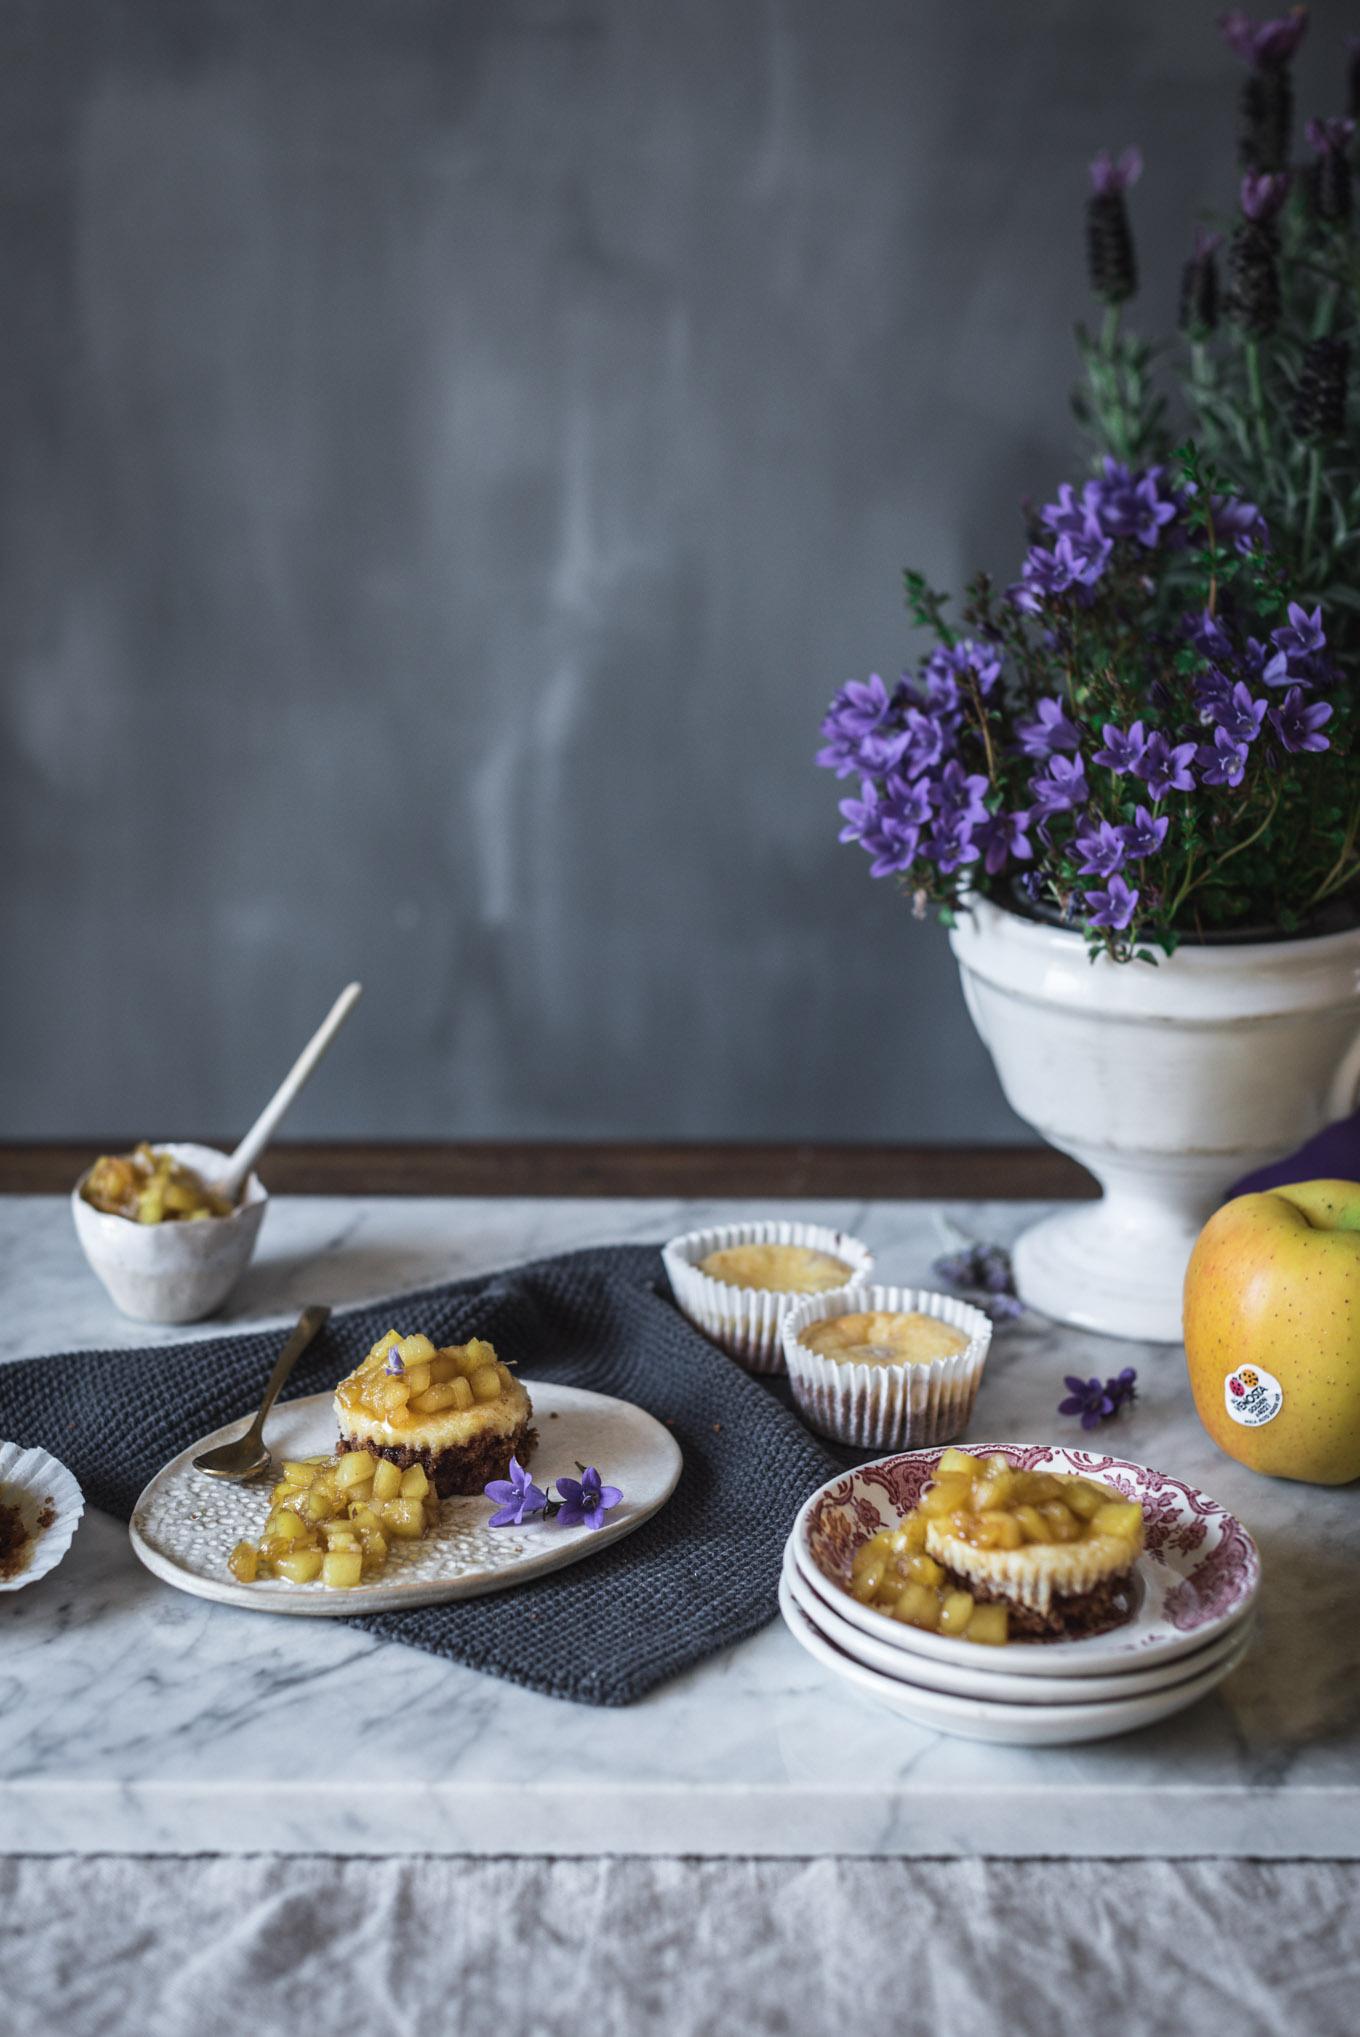 Receta cheesecake con manzana caramelizada